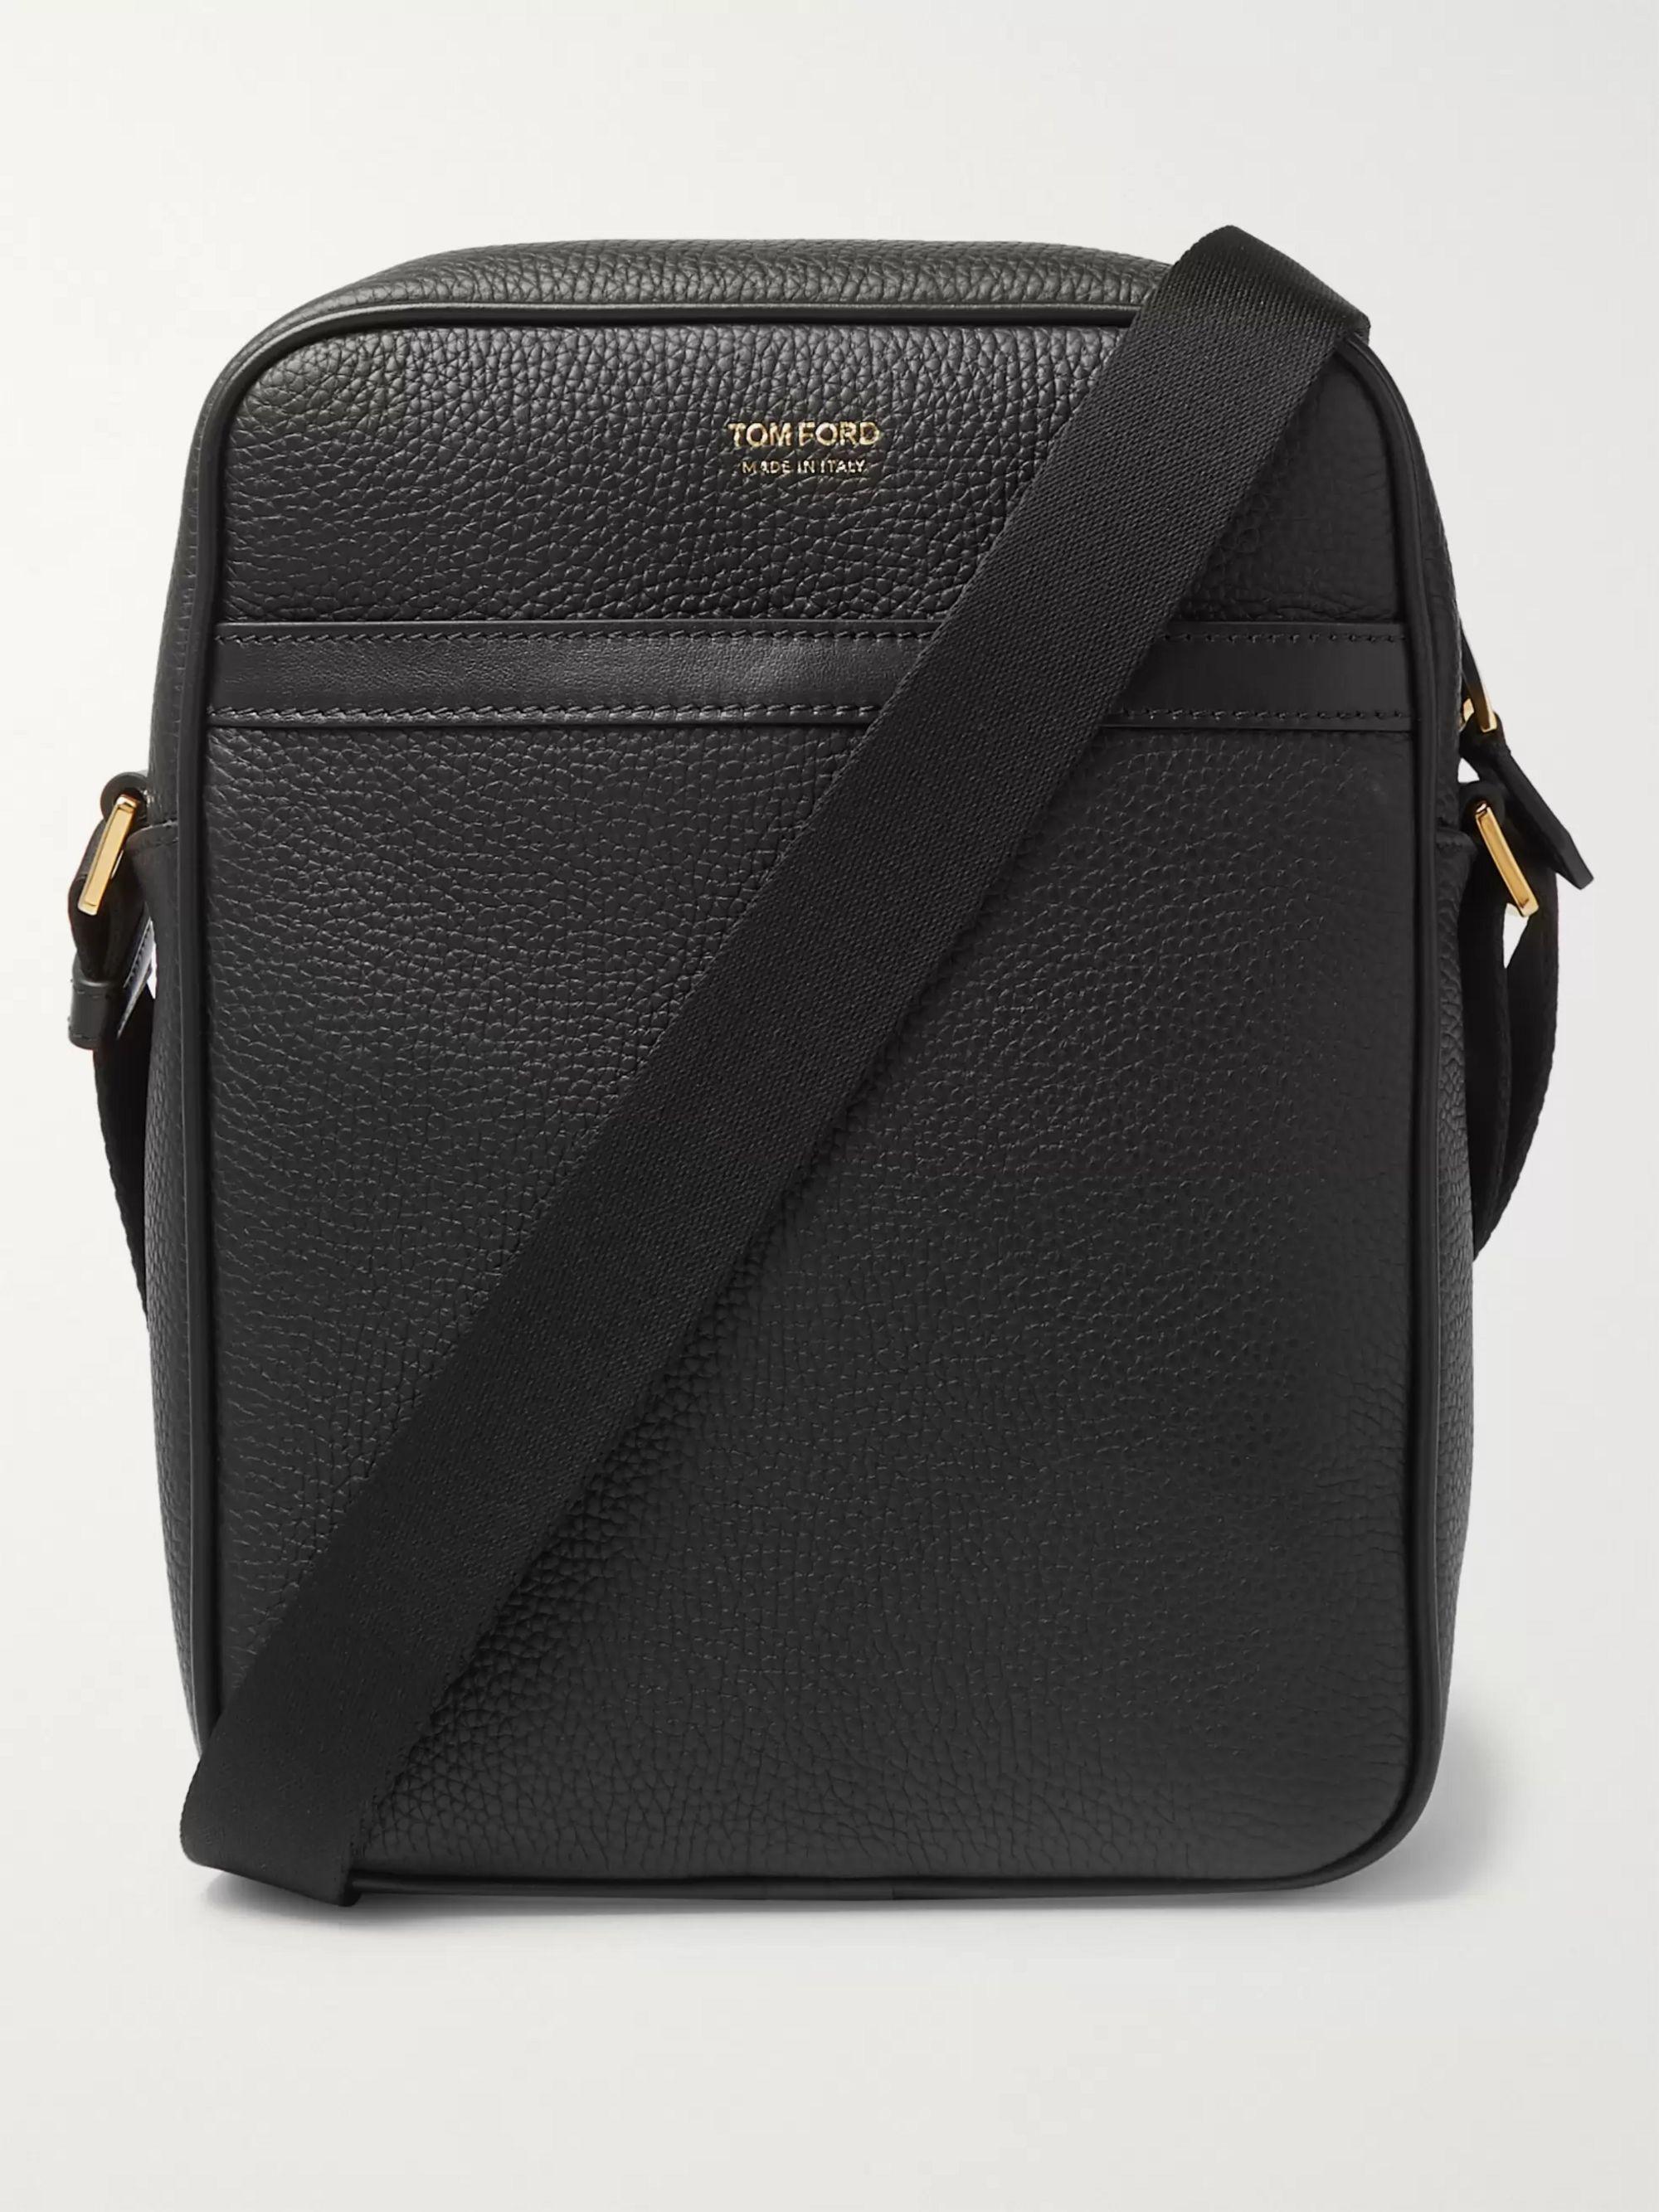 탐 포드 Tom Ford Full-Grain Leather Messenger Bag,Black